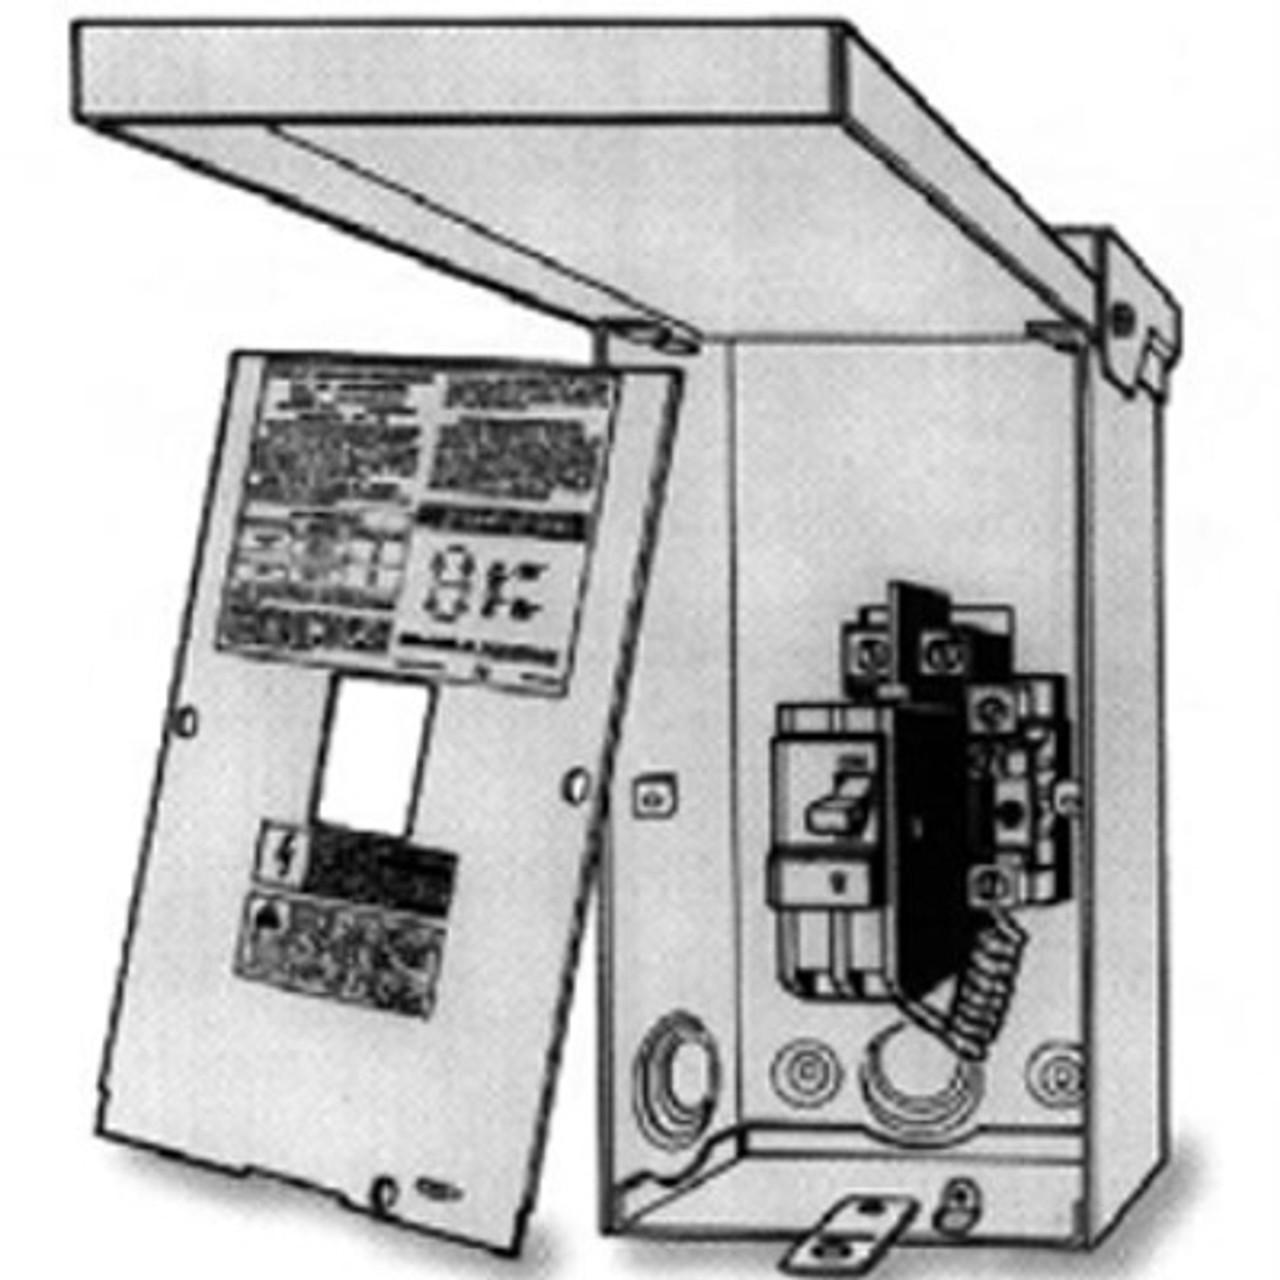 Master Spas Gfci Box W Breaker 50 Amp 4 Wire Disconnect Sub Panel X619550